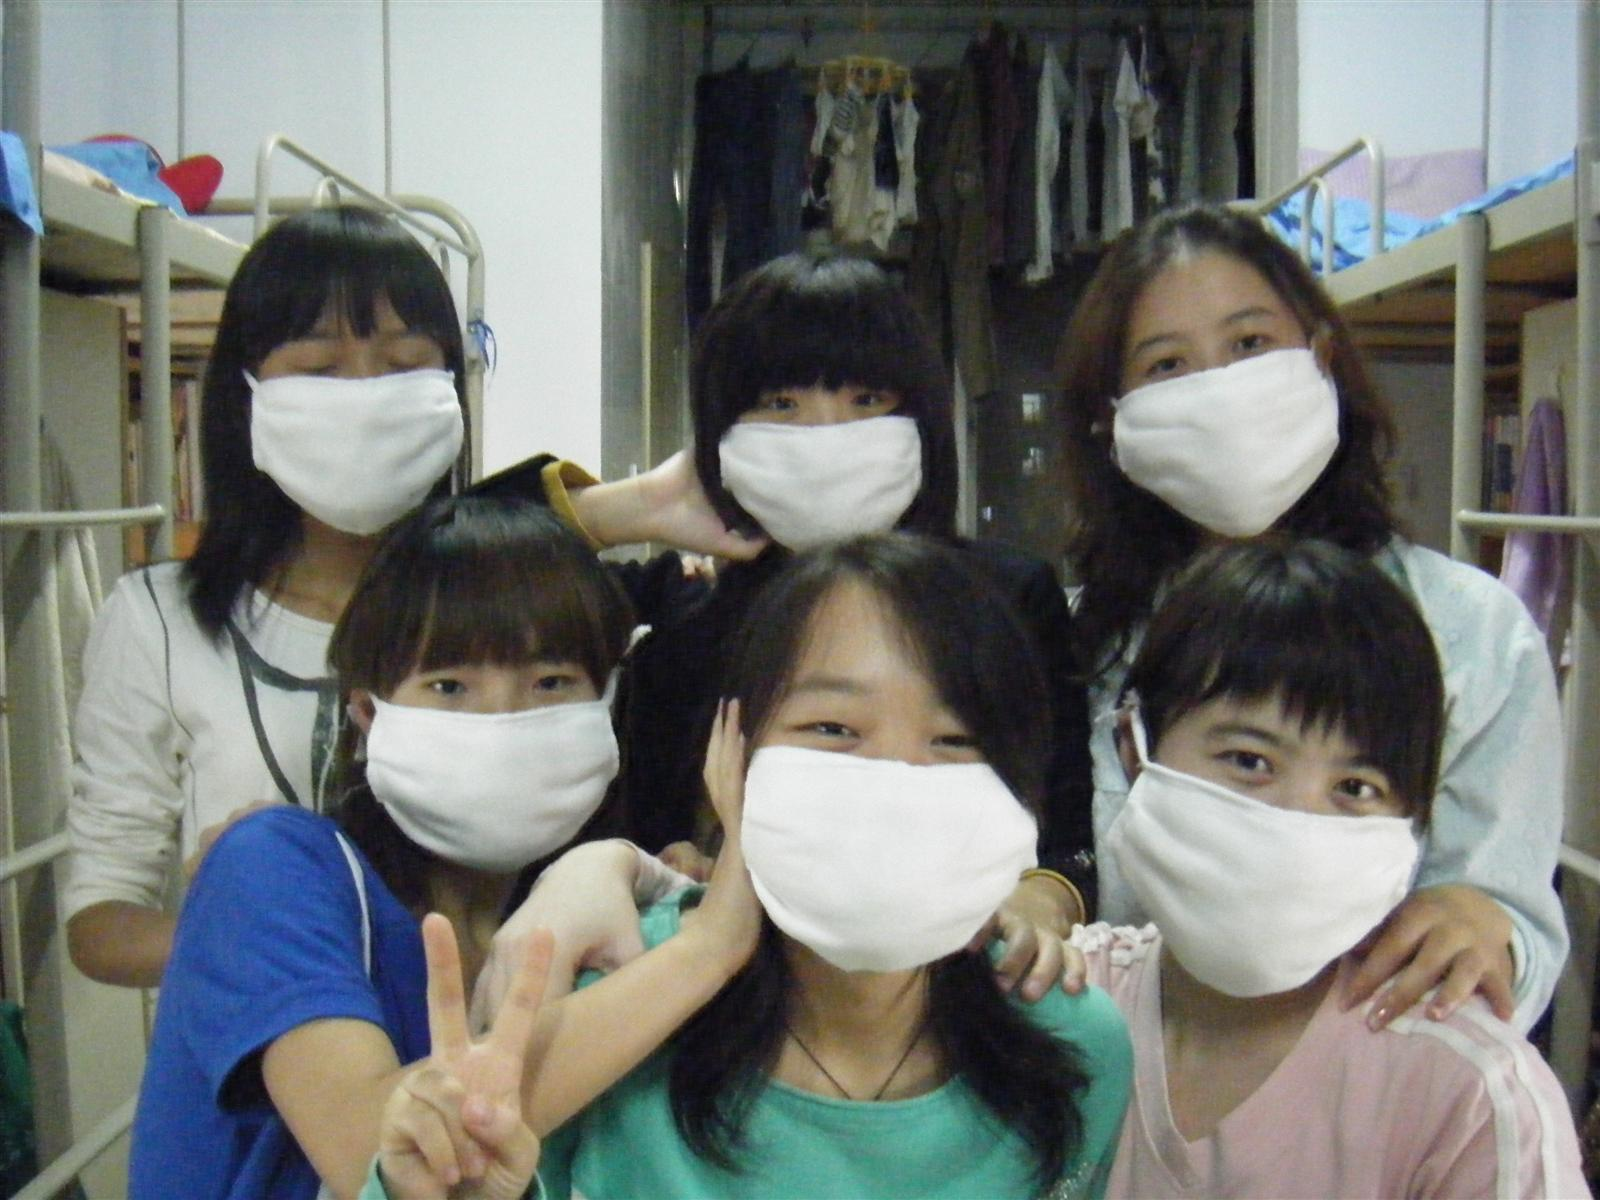 【转】我们的口罩秀 - 4